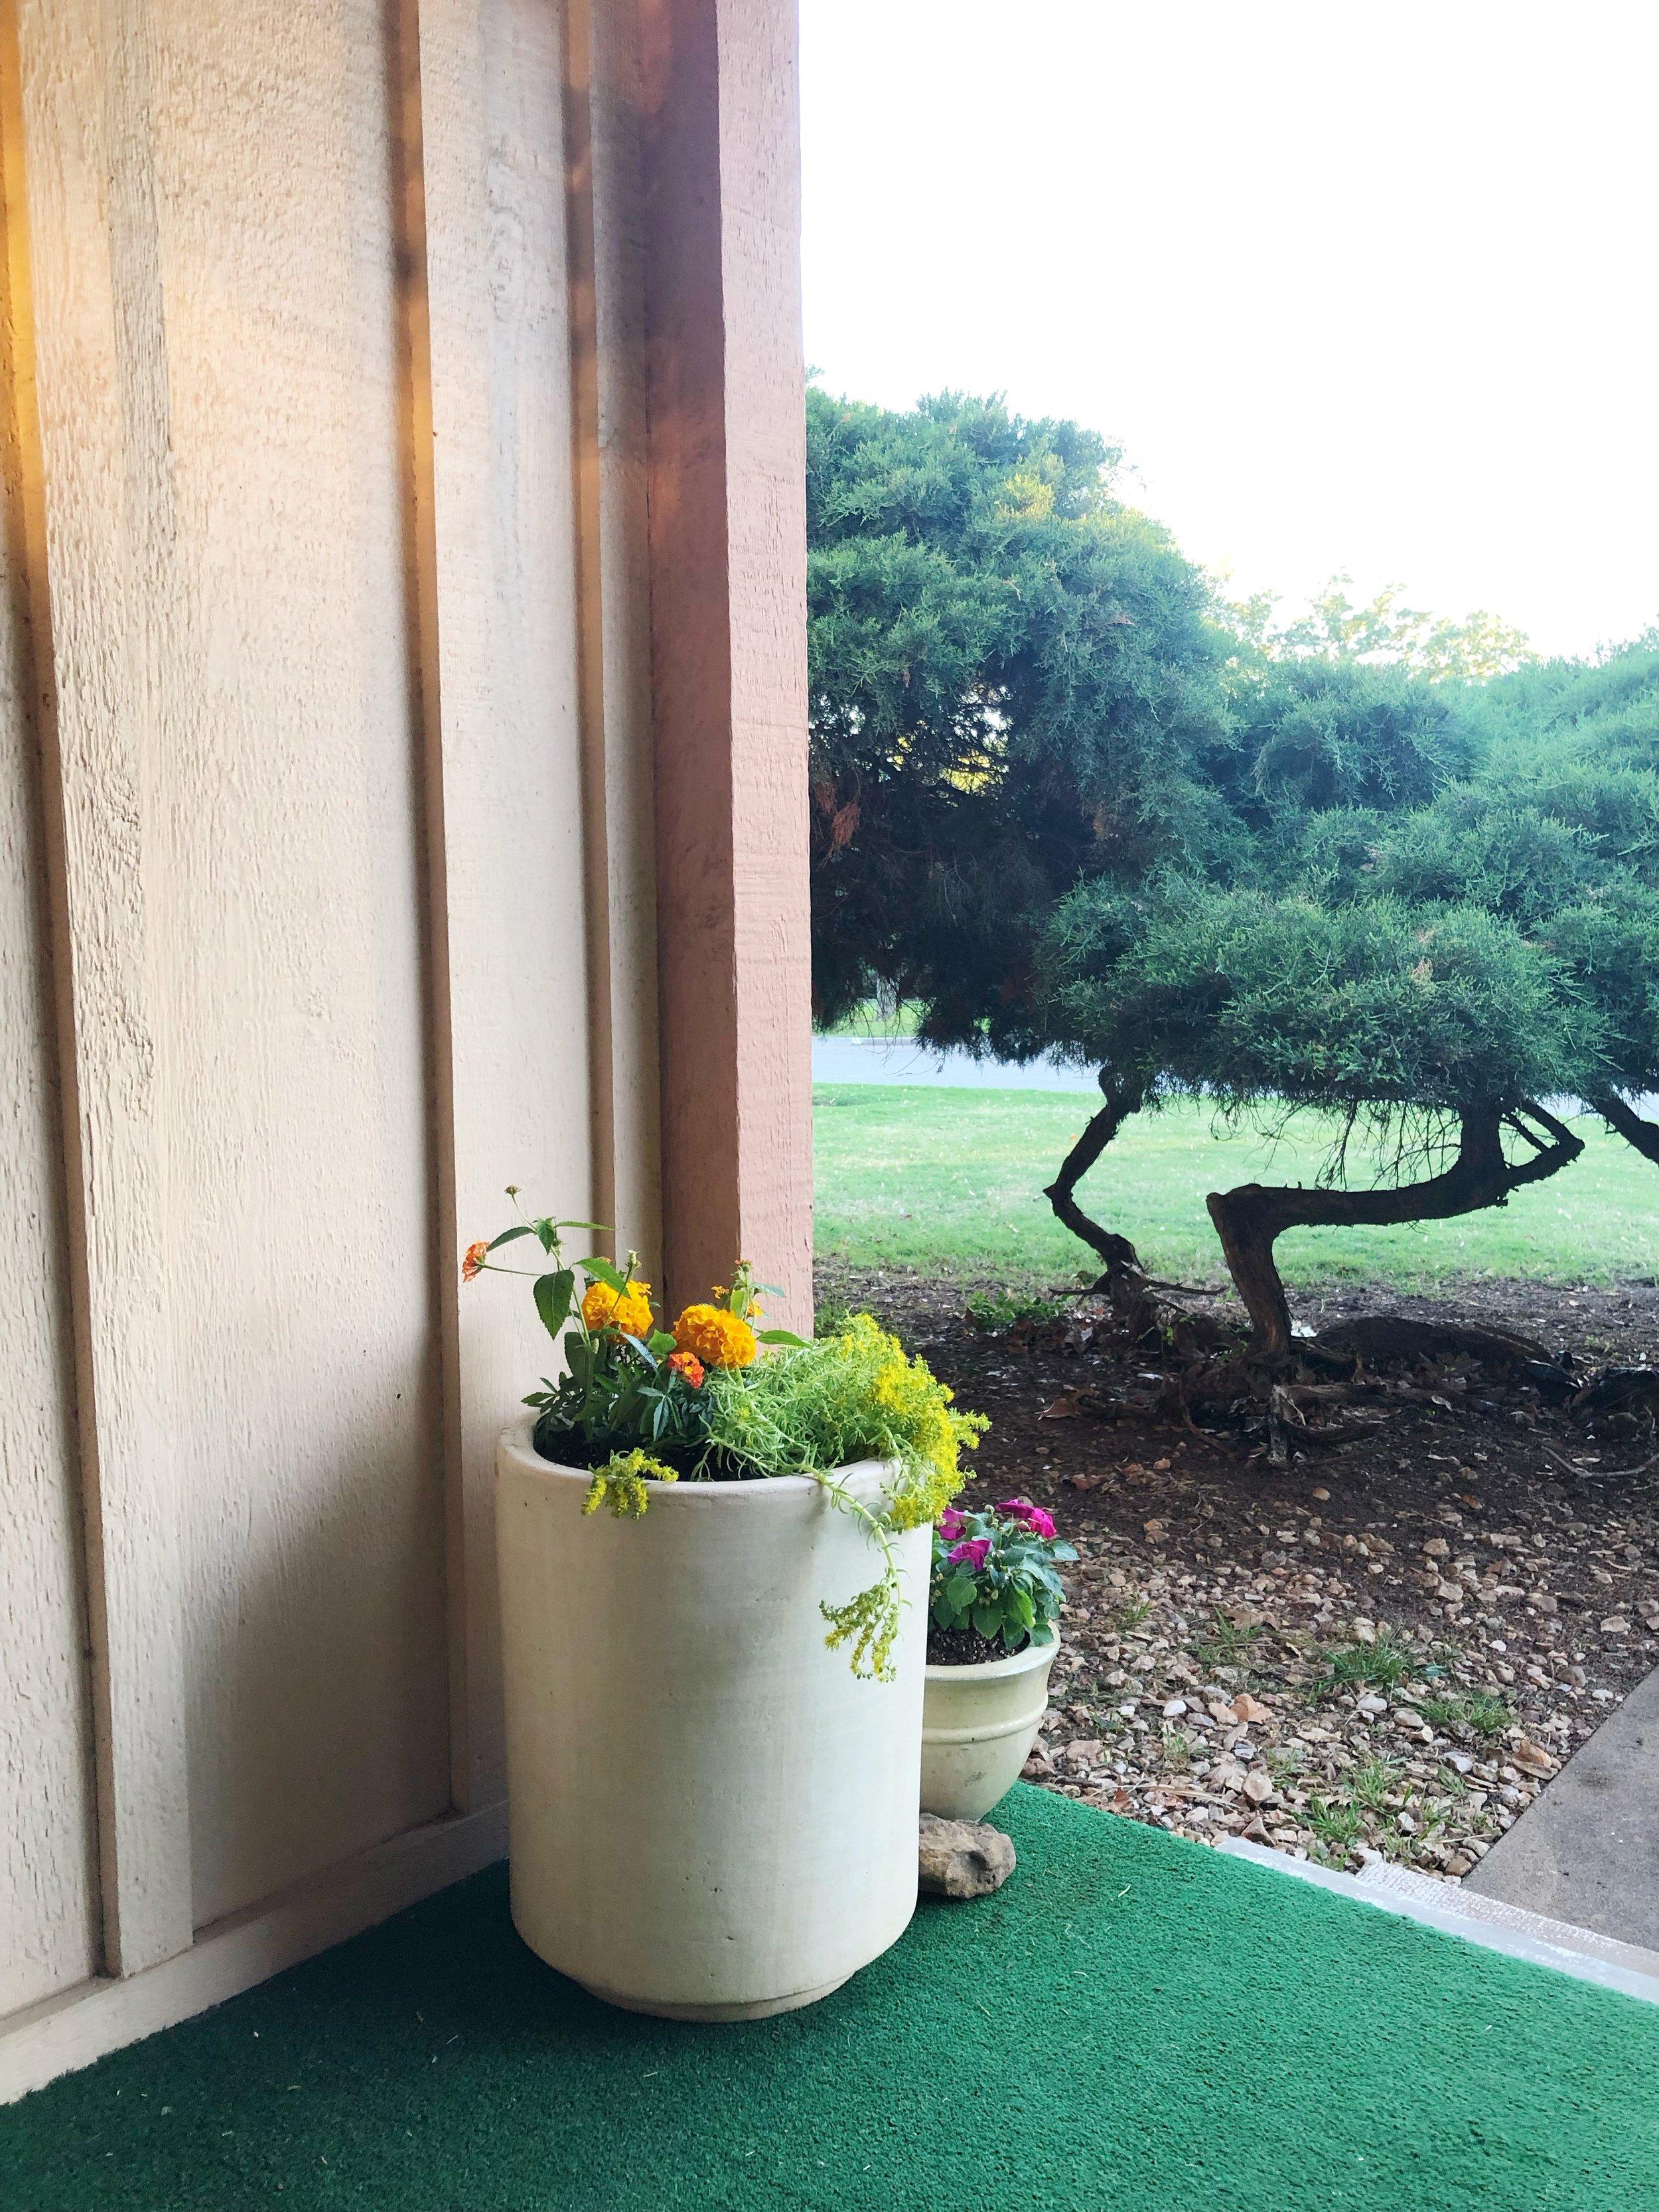 Tulsa midcentury modern porch summer update.jpg